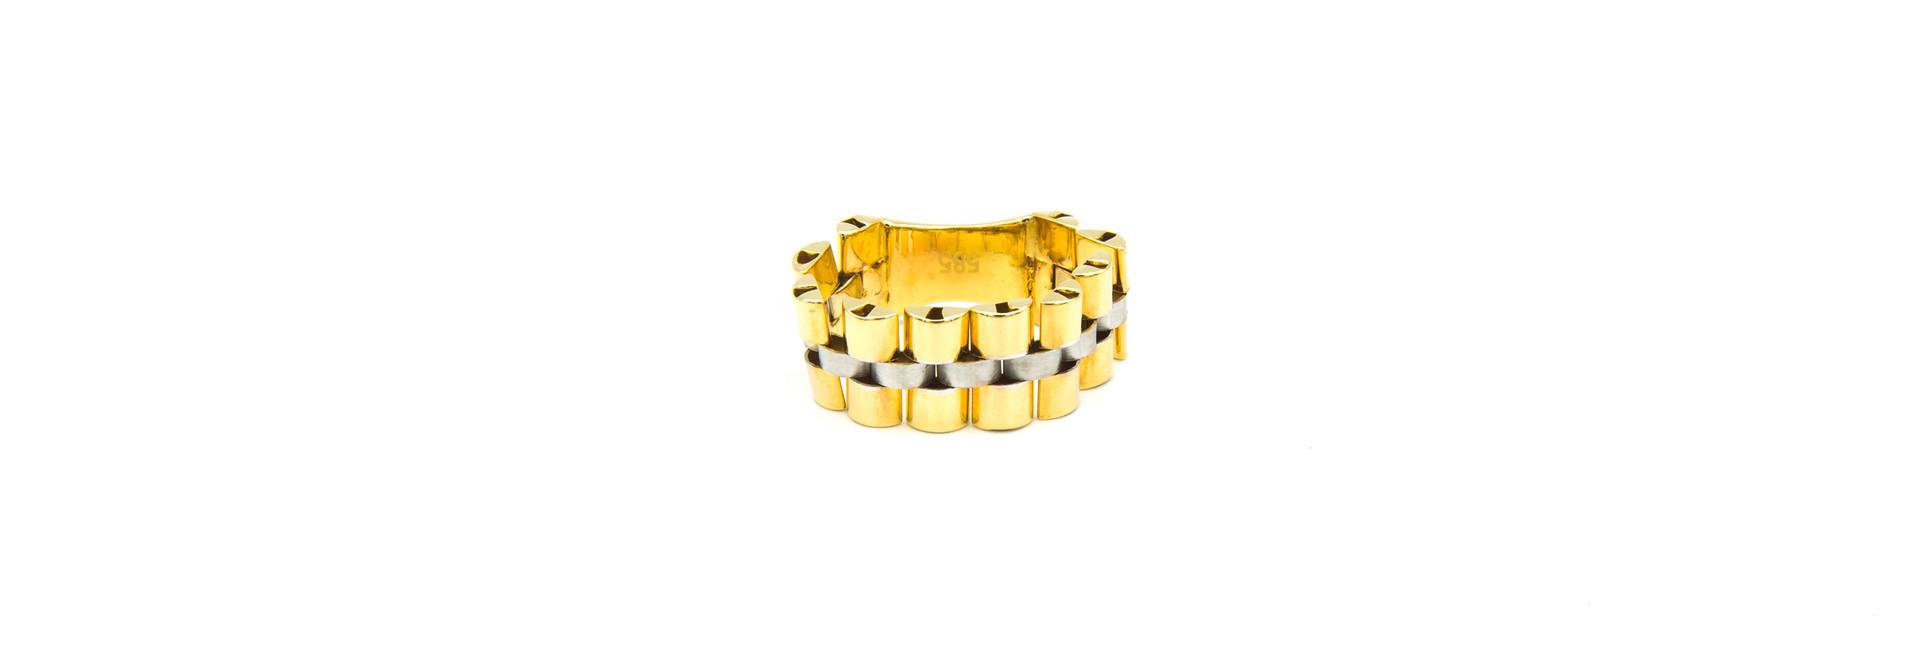 Ring flexibele rolexschakel met plaatje bicolor